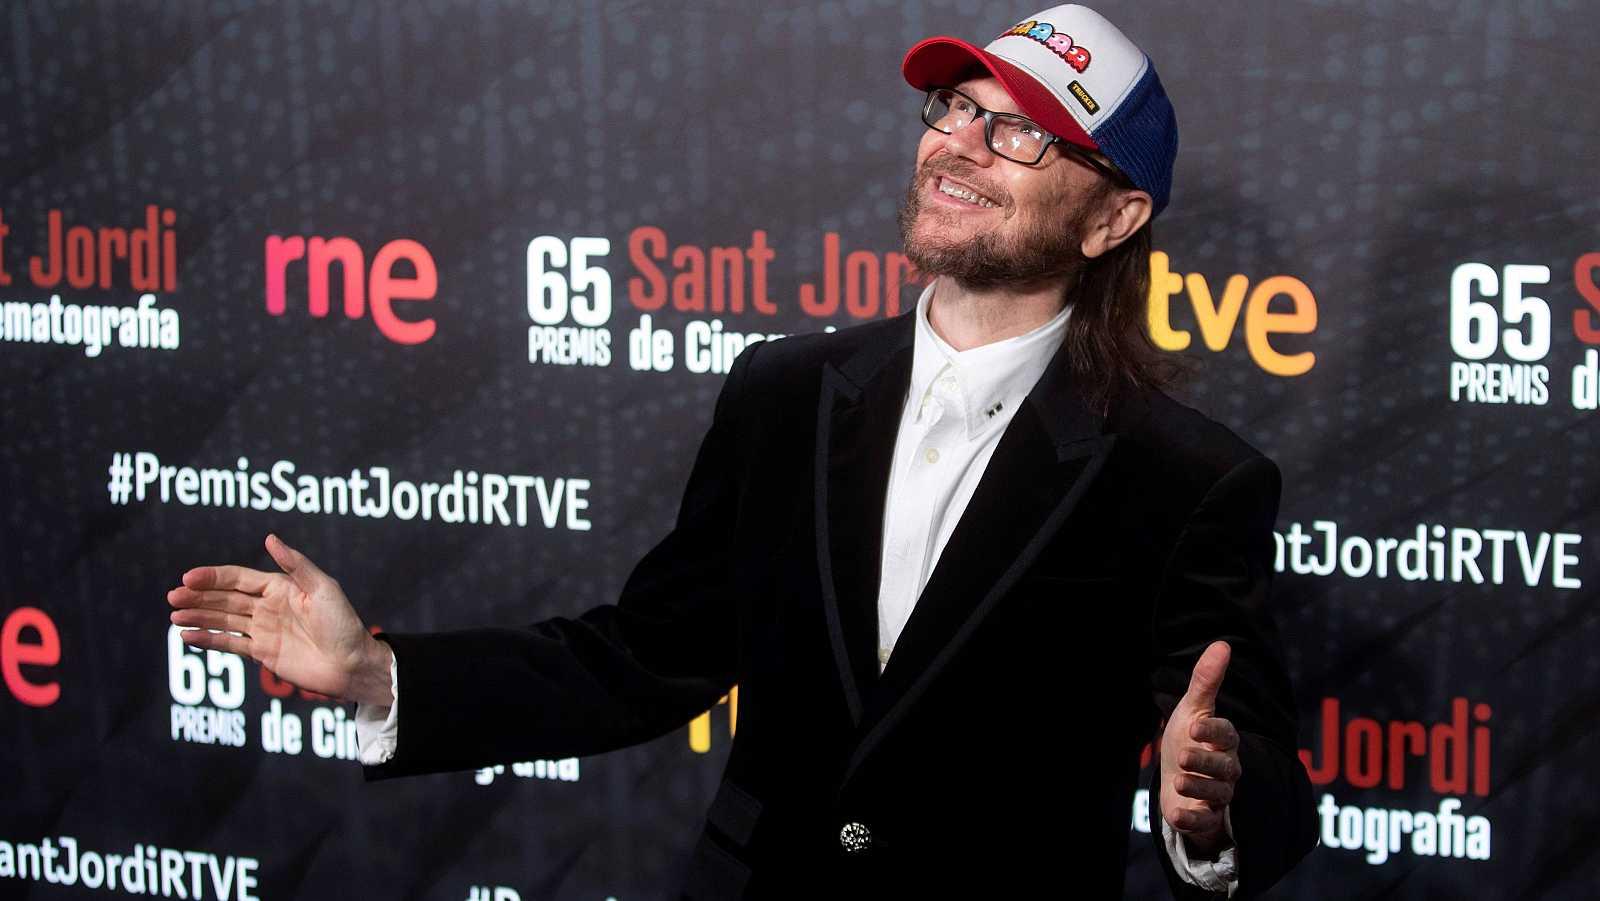 24 horas - Santiago Segura, Premio Sant Jordi a la Industria Cinematográfica - Escuchar ahora